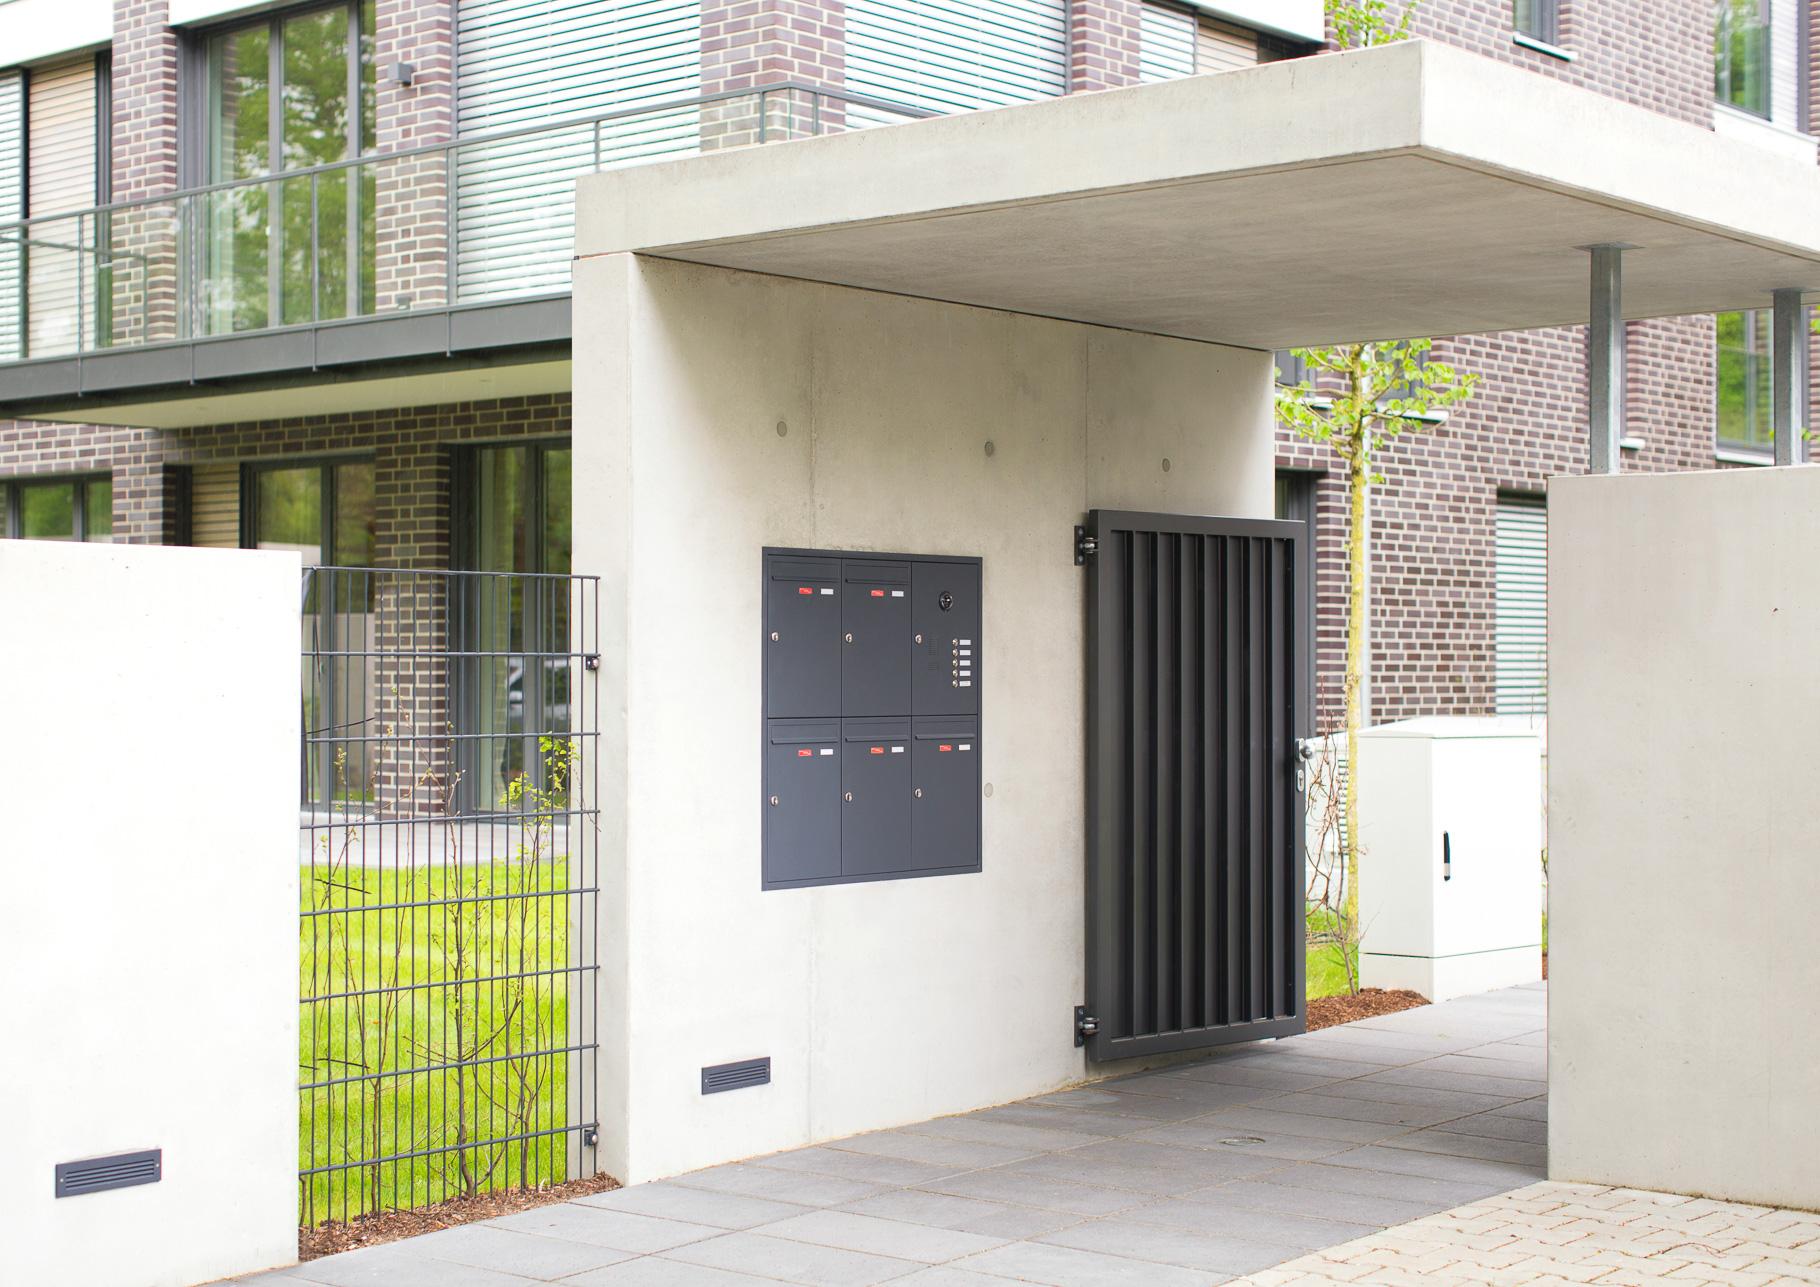 Briefkastenanlage Unterputz für Wohngebäude im Penthousestil